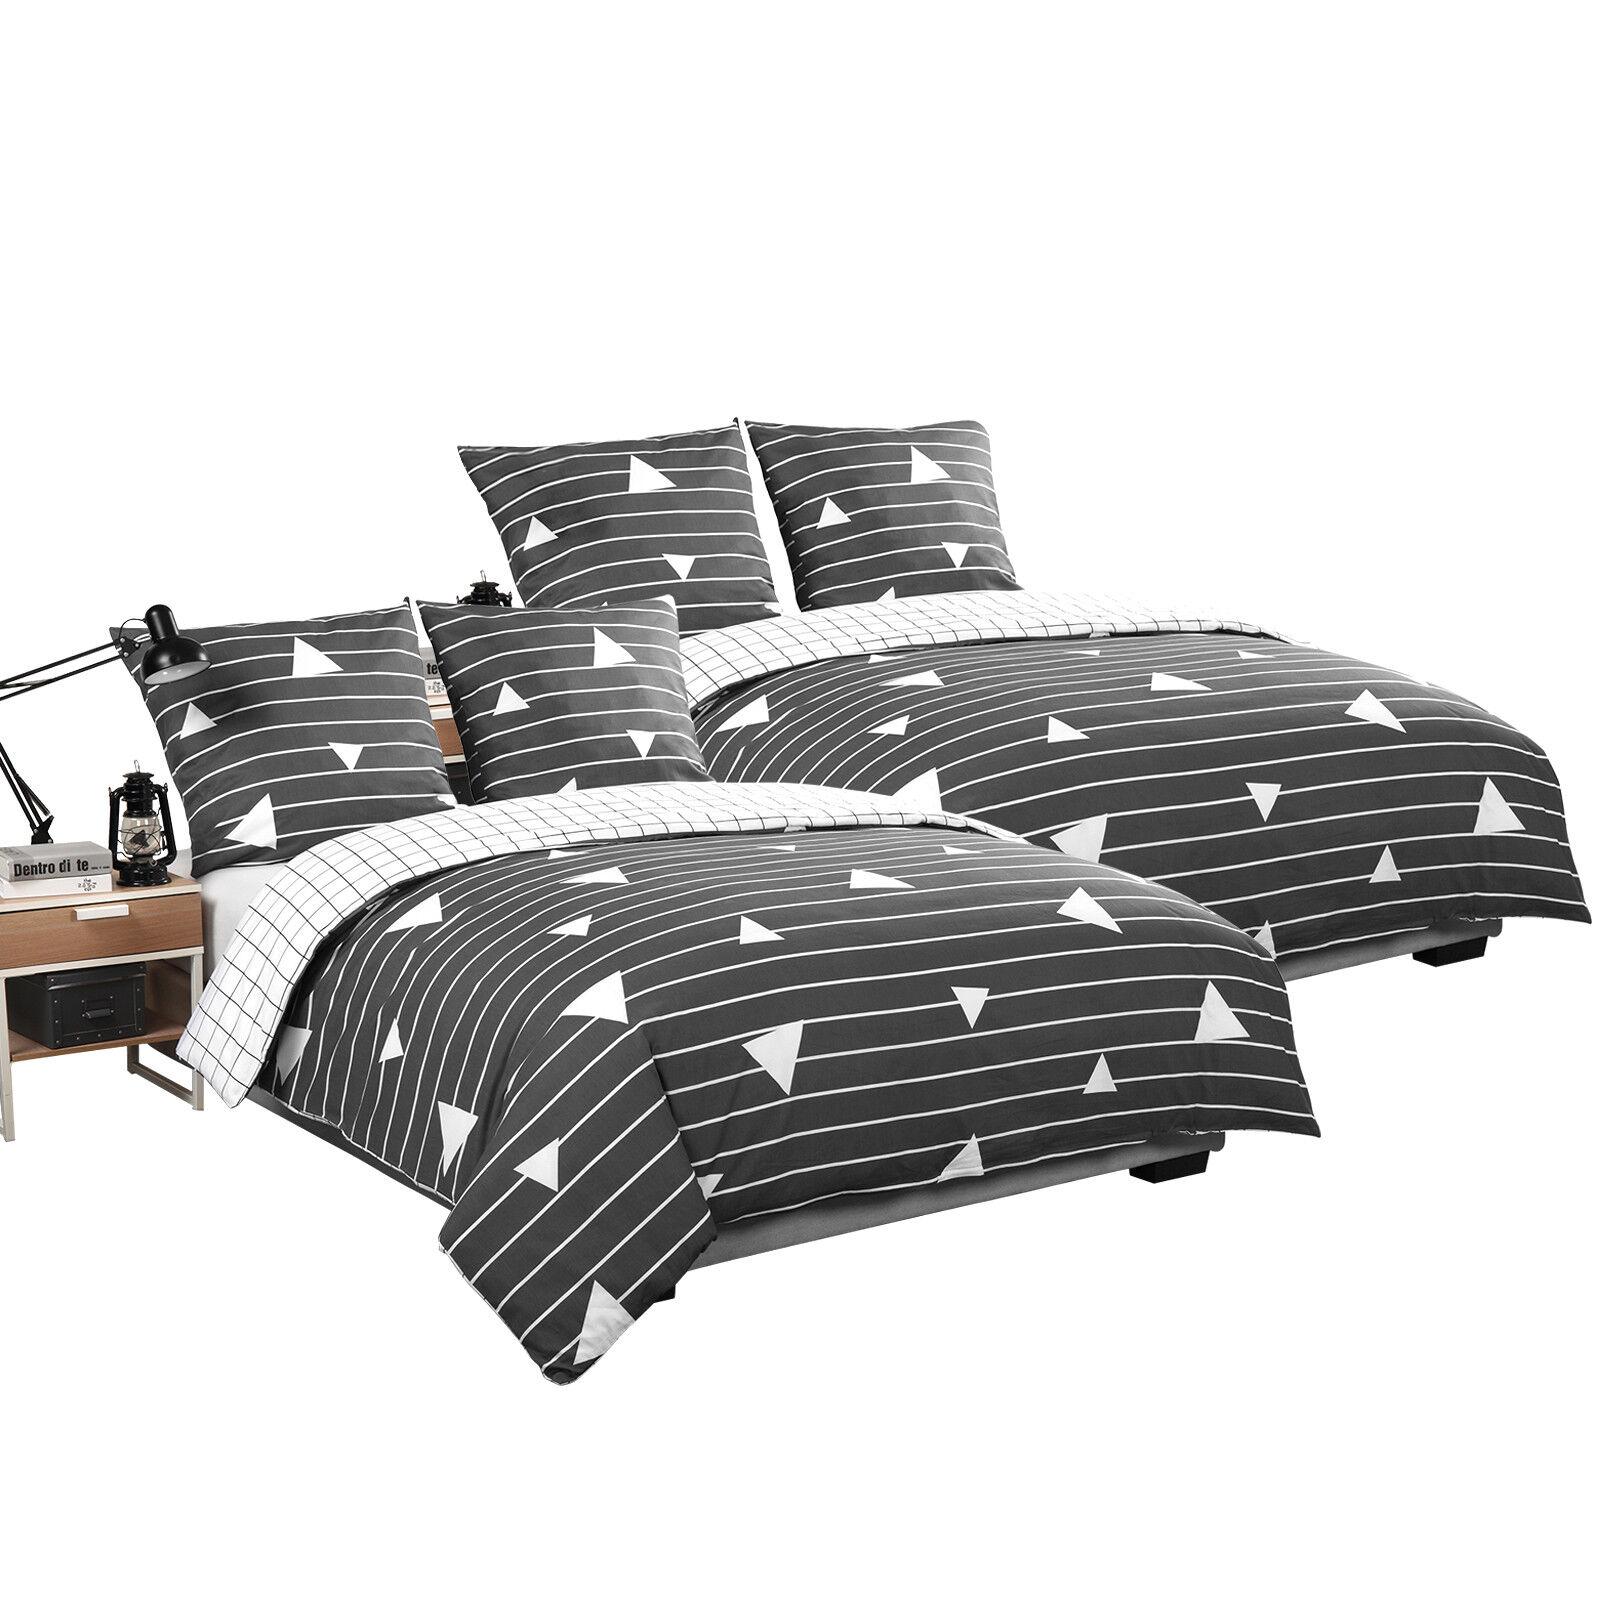 Bettwäsche 155x220 cm 4teilig Satin Baumwolle Bettgarnitur Bettbezug BWS03m02-2